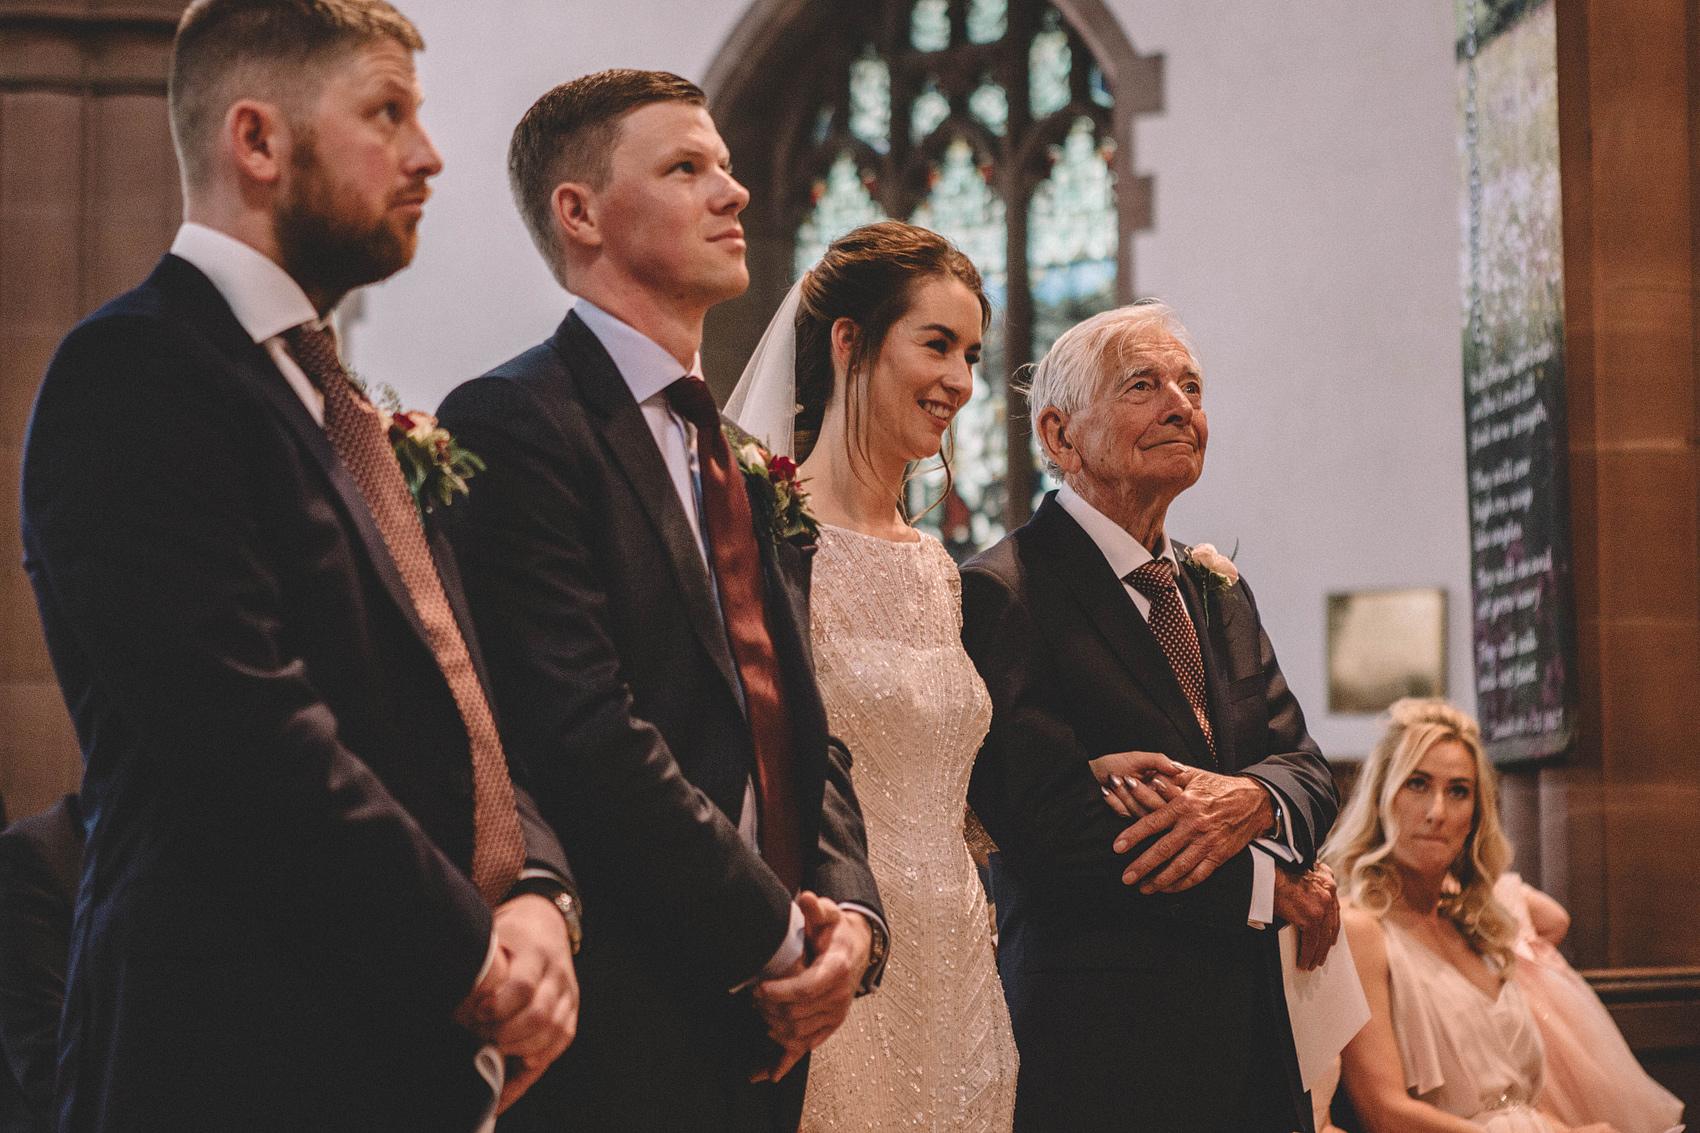 Inglewood_Manor_Wedding_Photography_-_Claire_Basiuk_Cheshire_Photographer_-_21_17.jpg